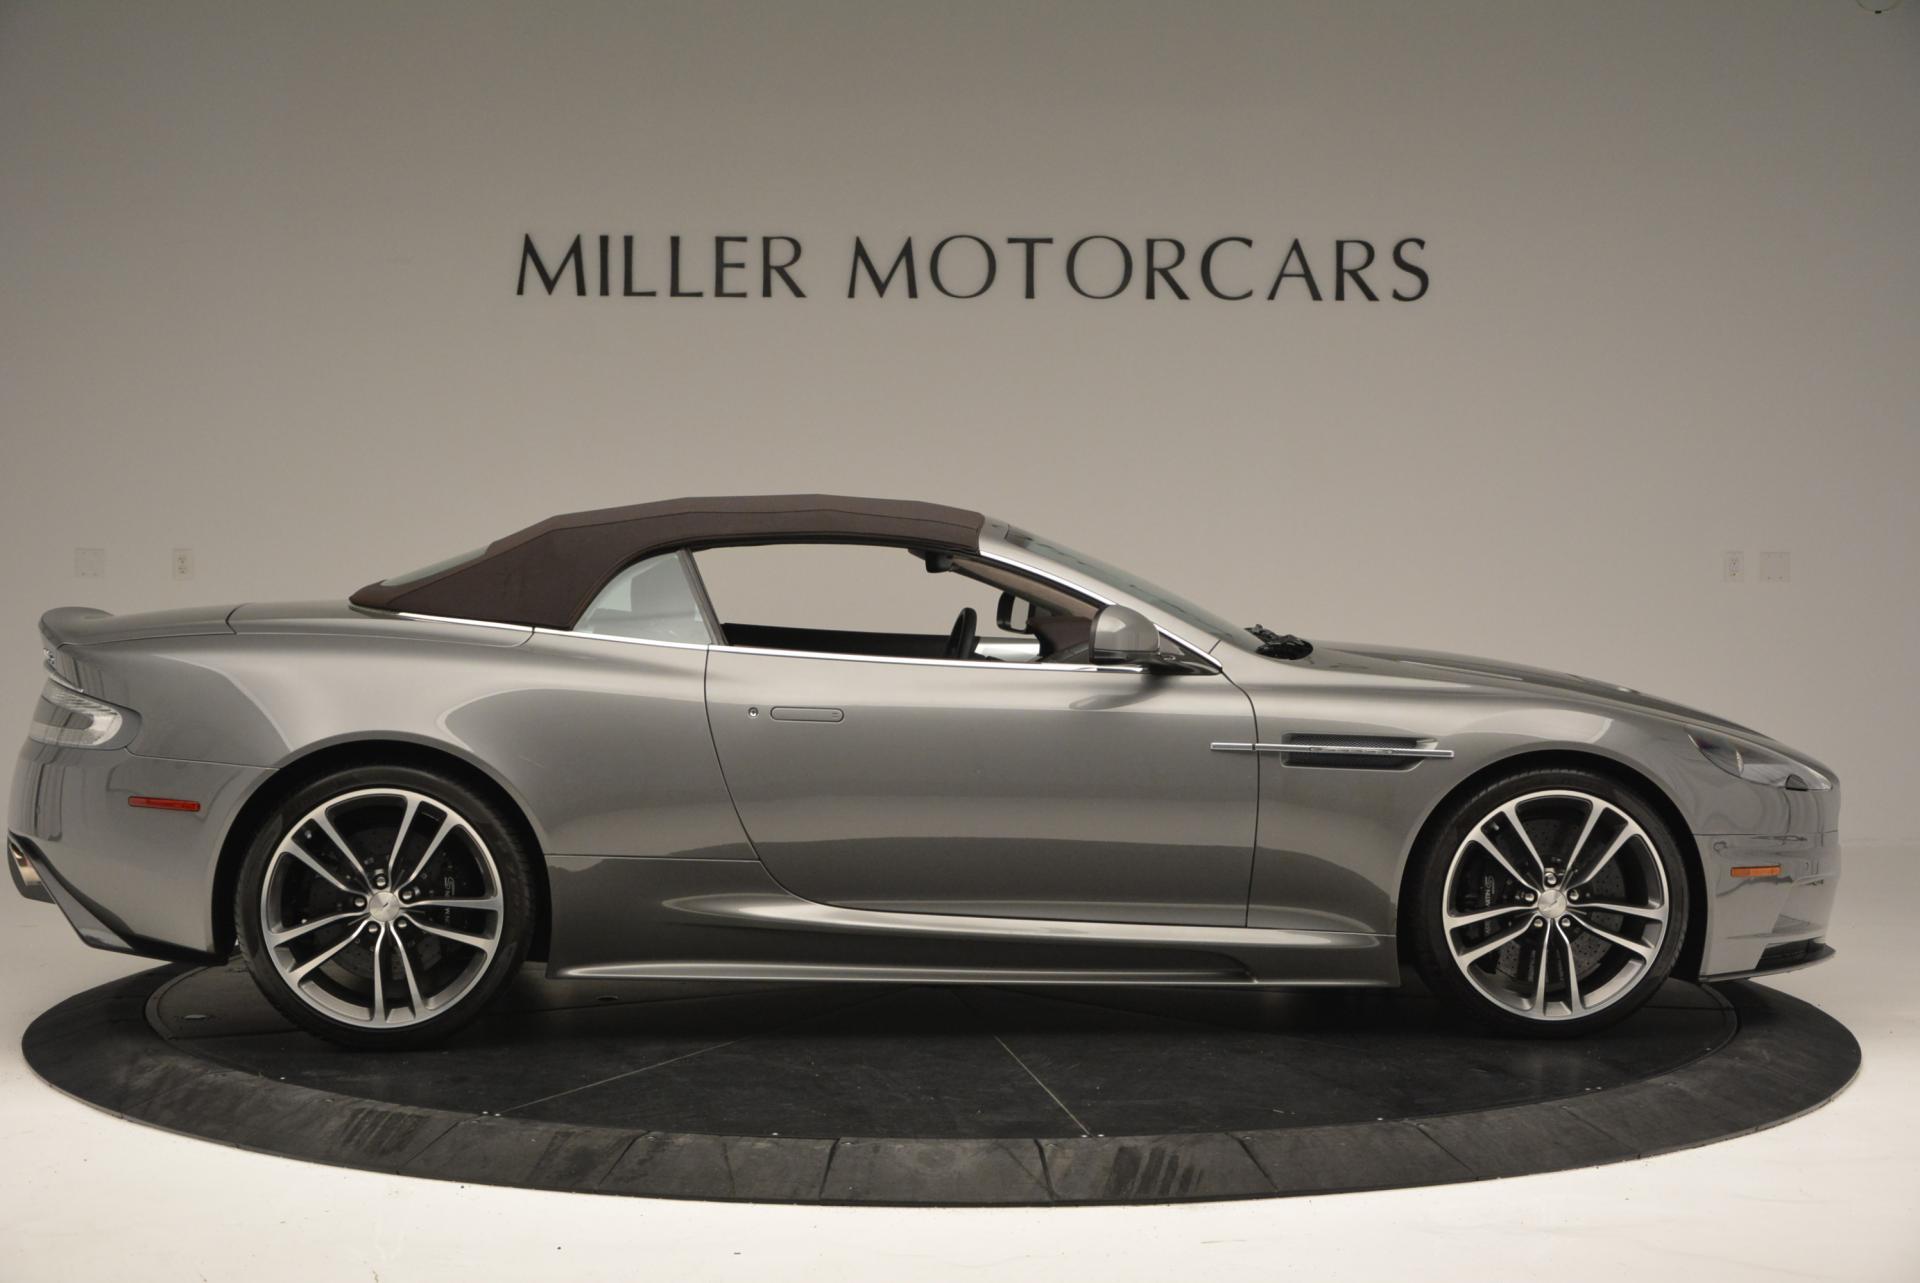 Used 2010 Aston Martin DBS Volante For Sale In Greenwich, CT. Alfa Romeo of Greenwich, 7035 87_p21